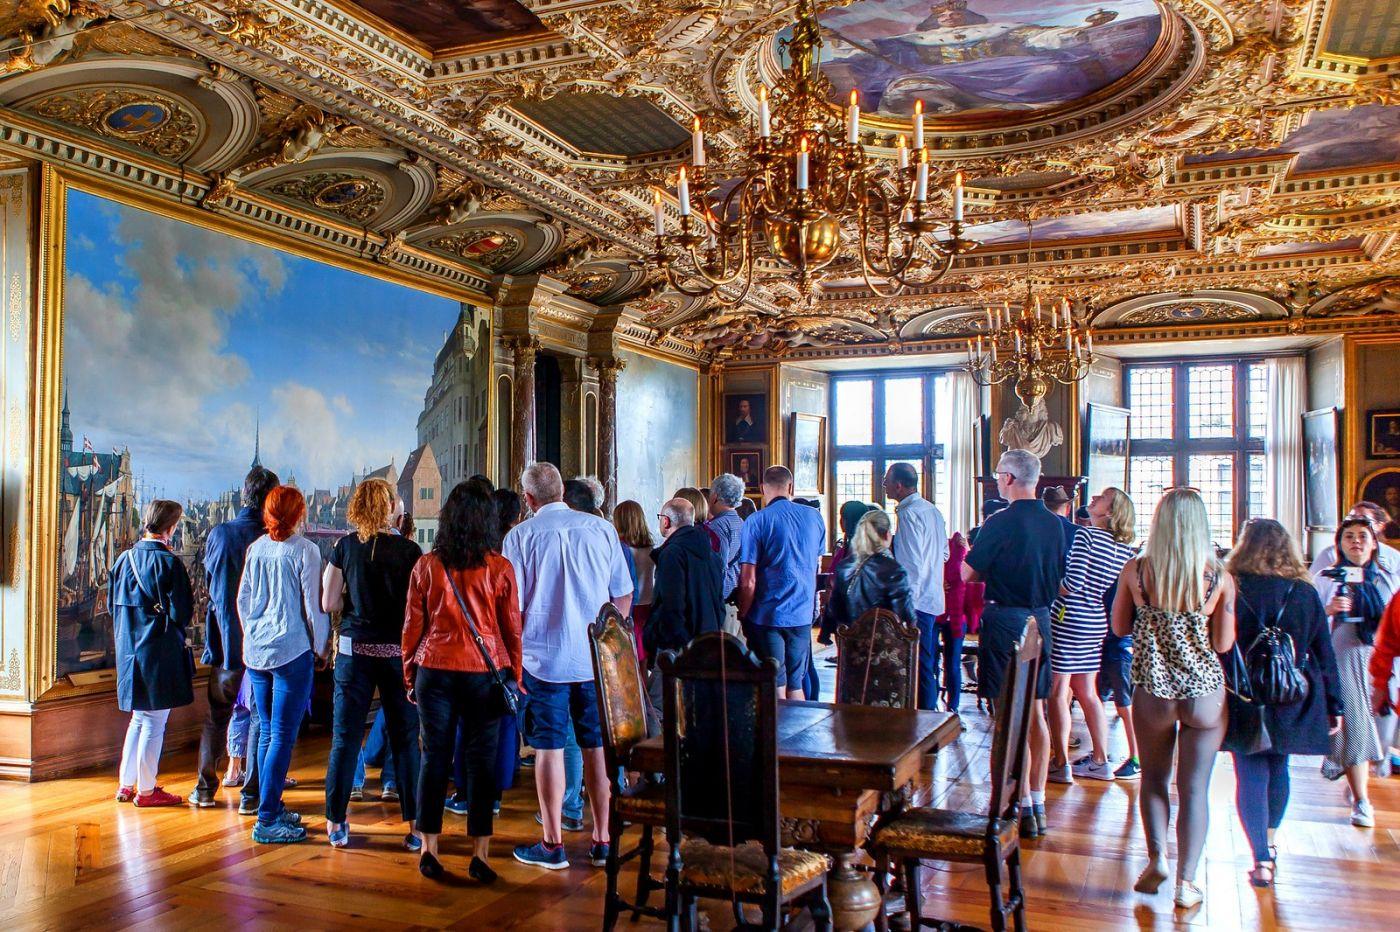 丹麦腓特烈堡城堡,金碧辉煌的大厅_图1-14